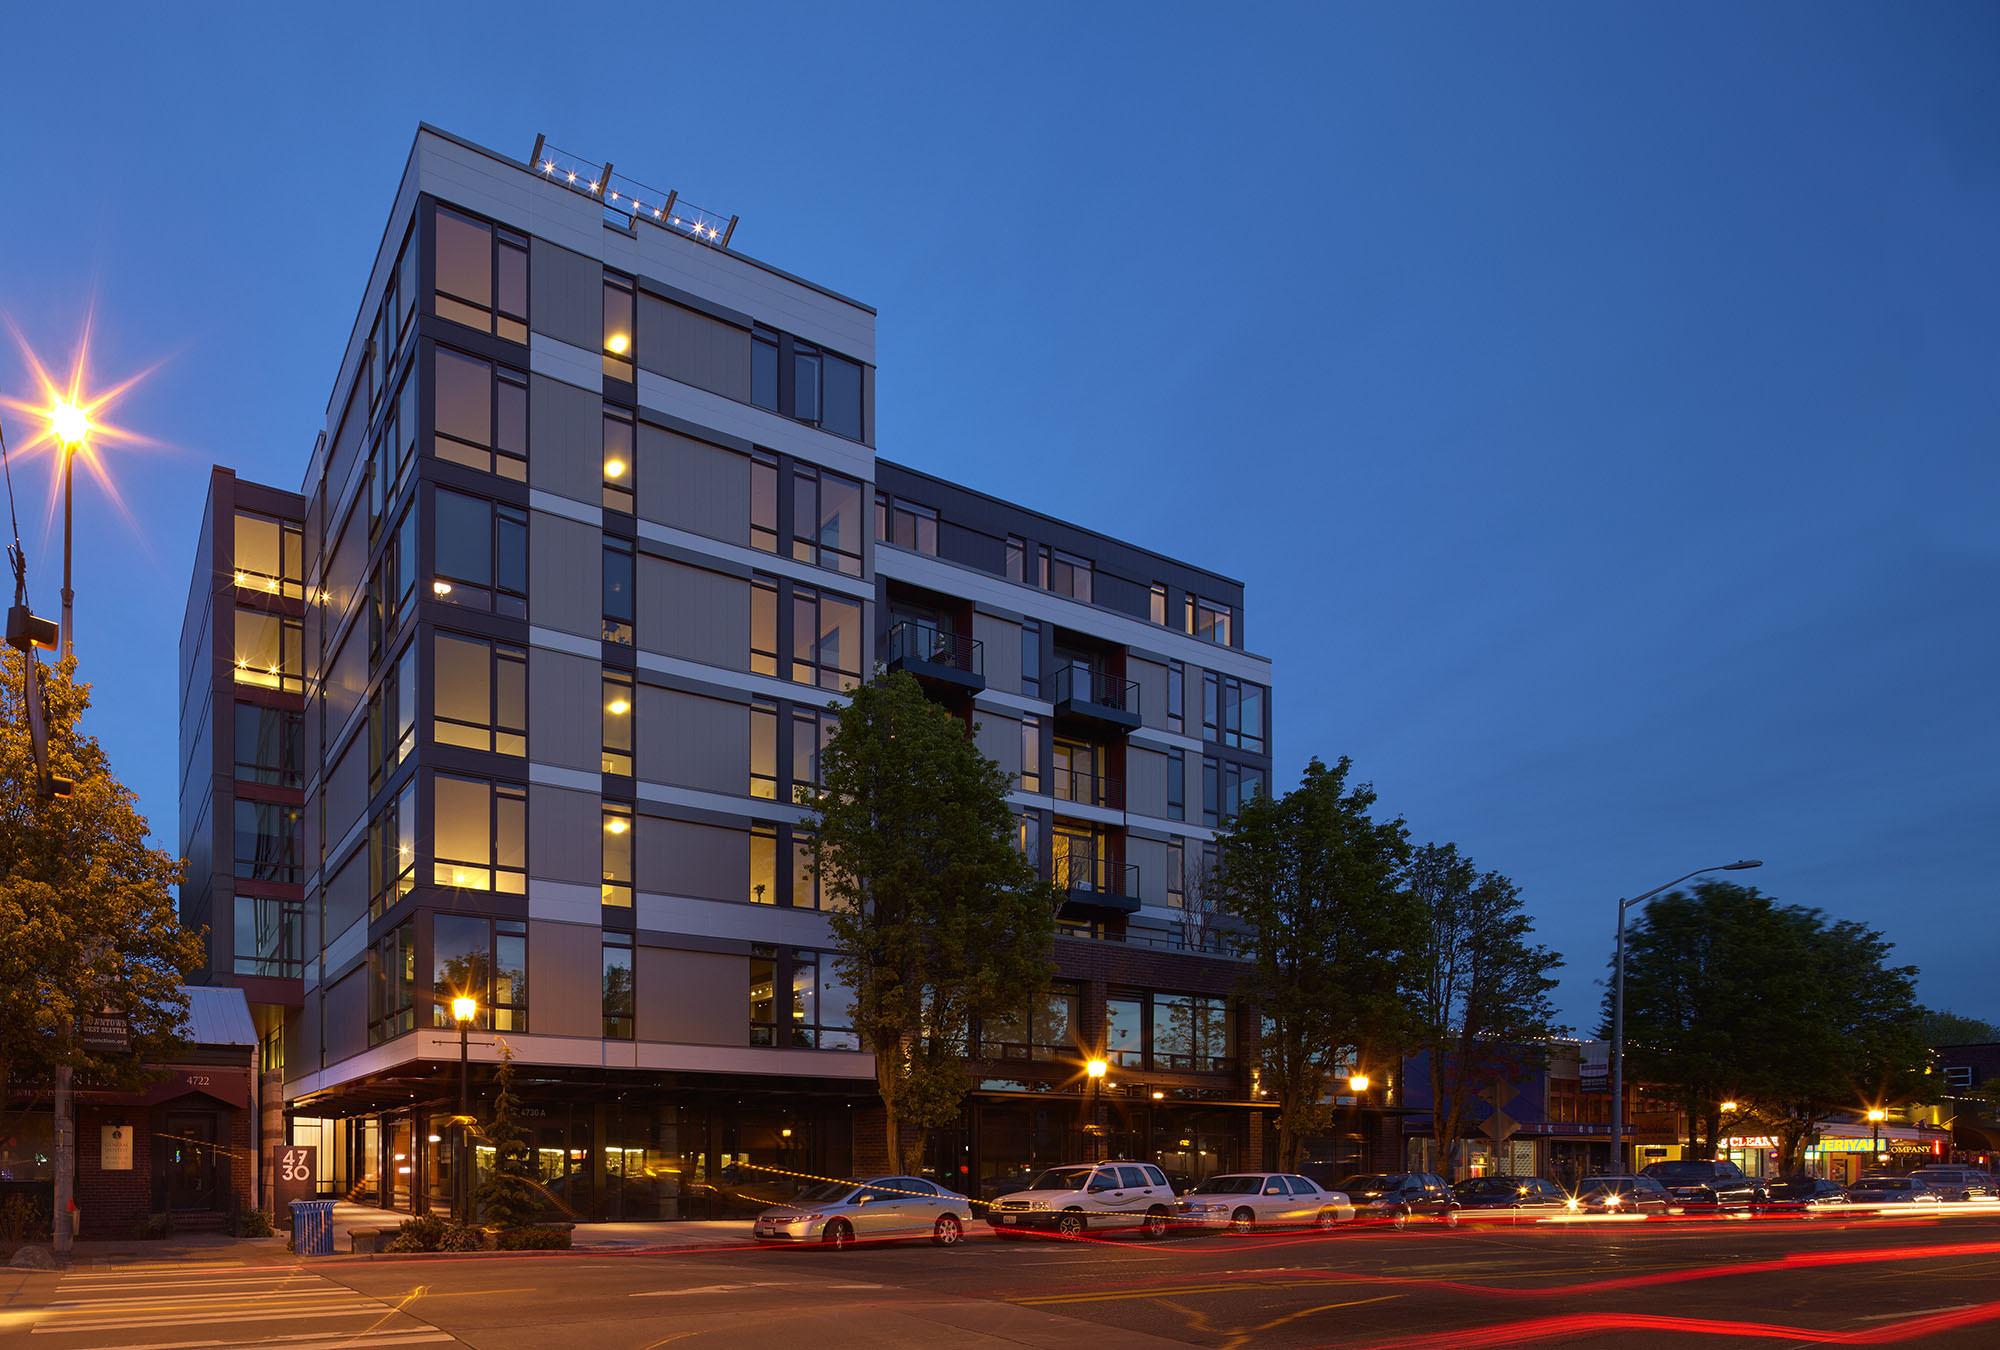 4730 California Ave architecture